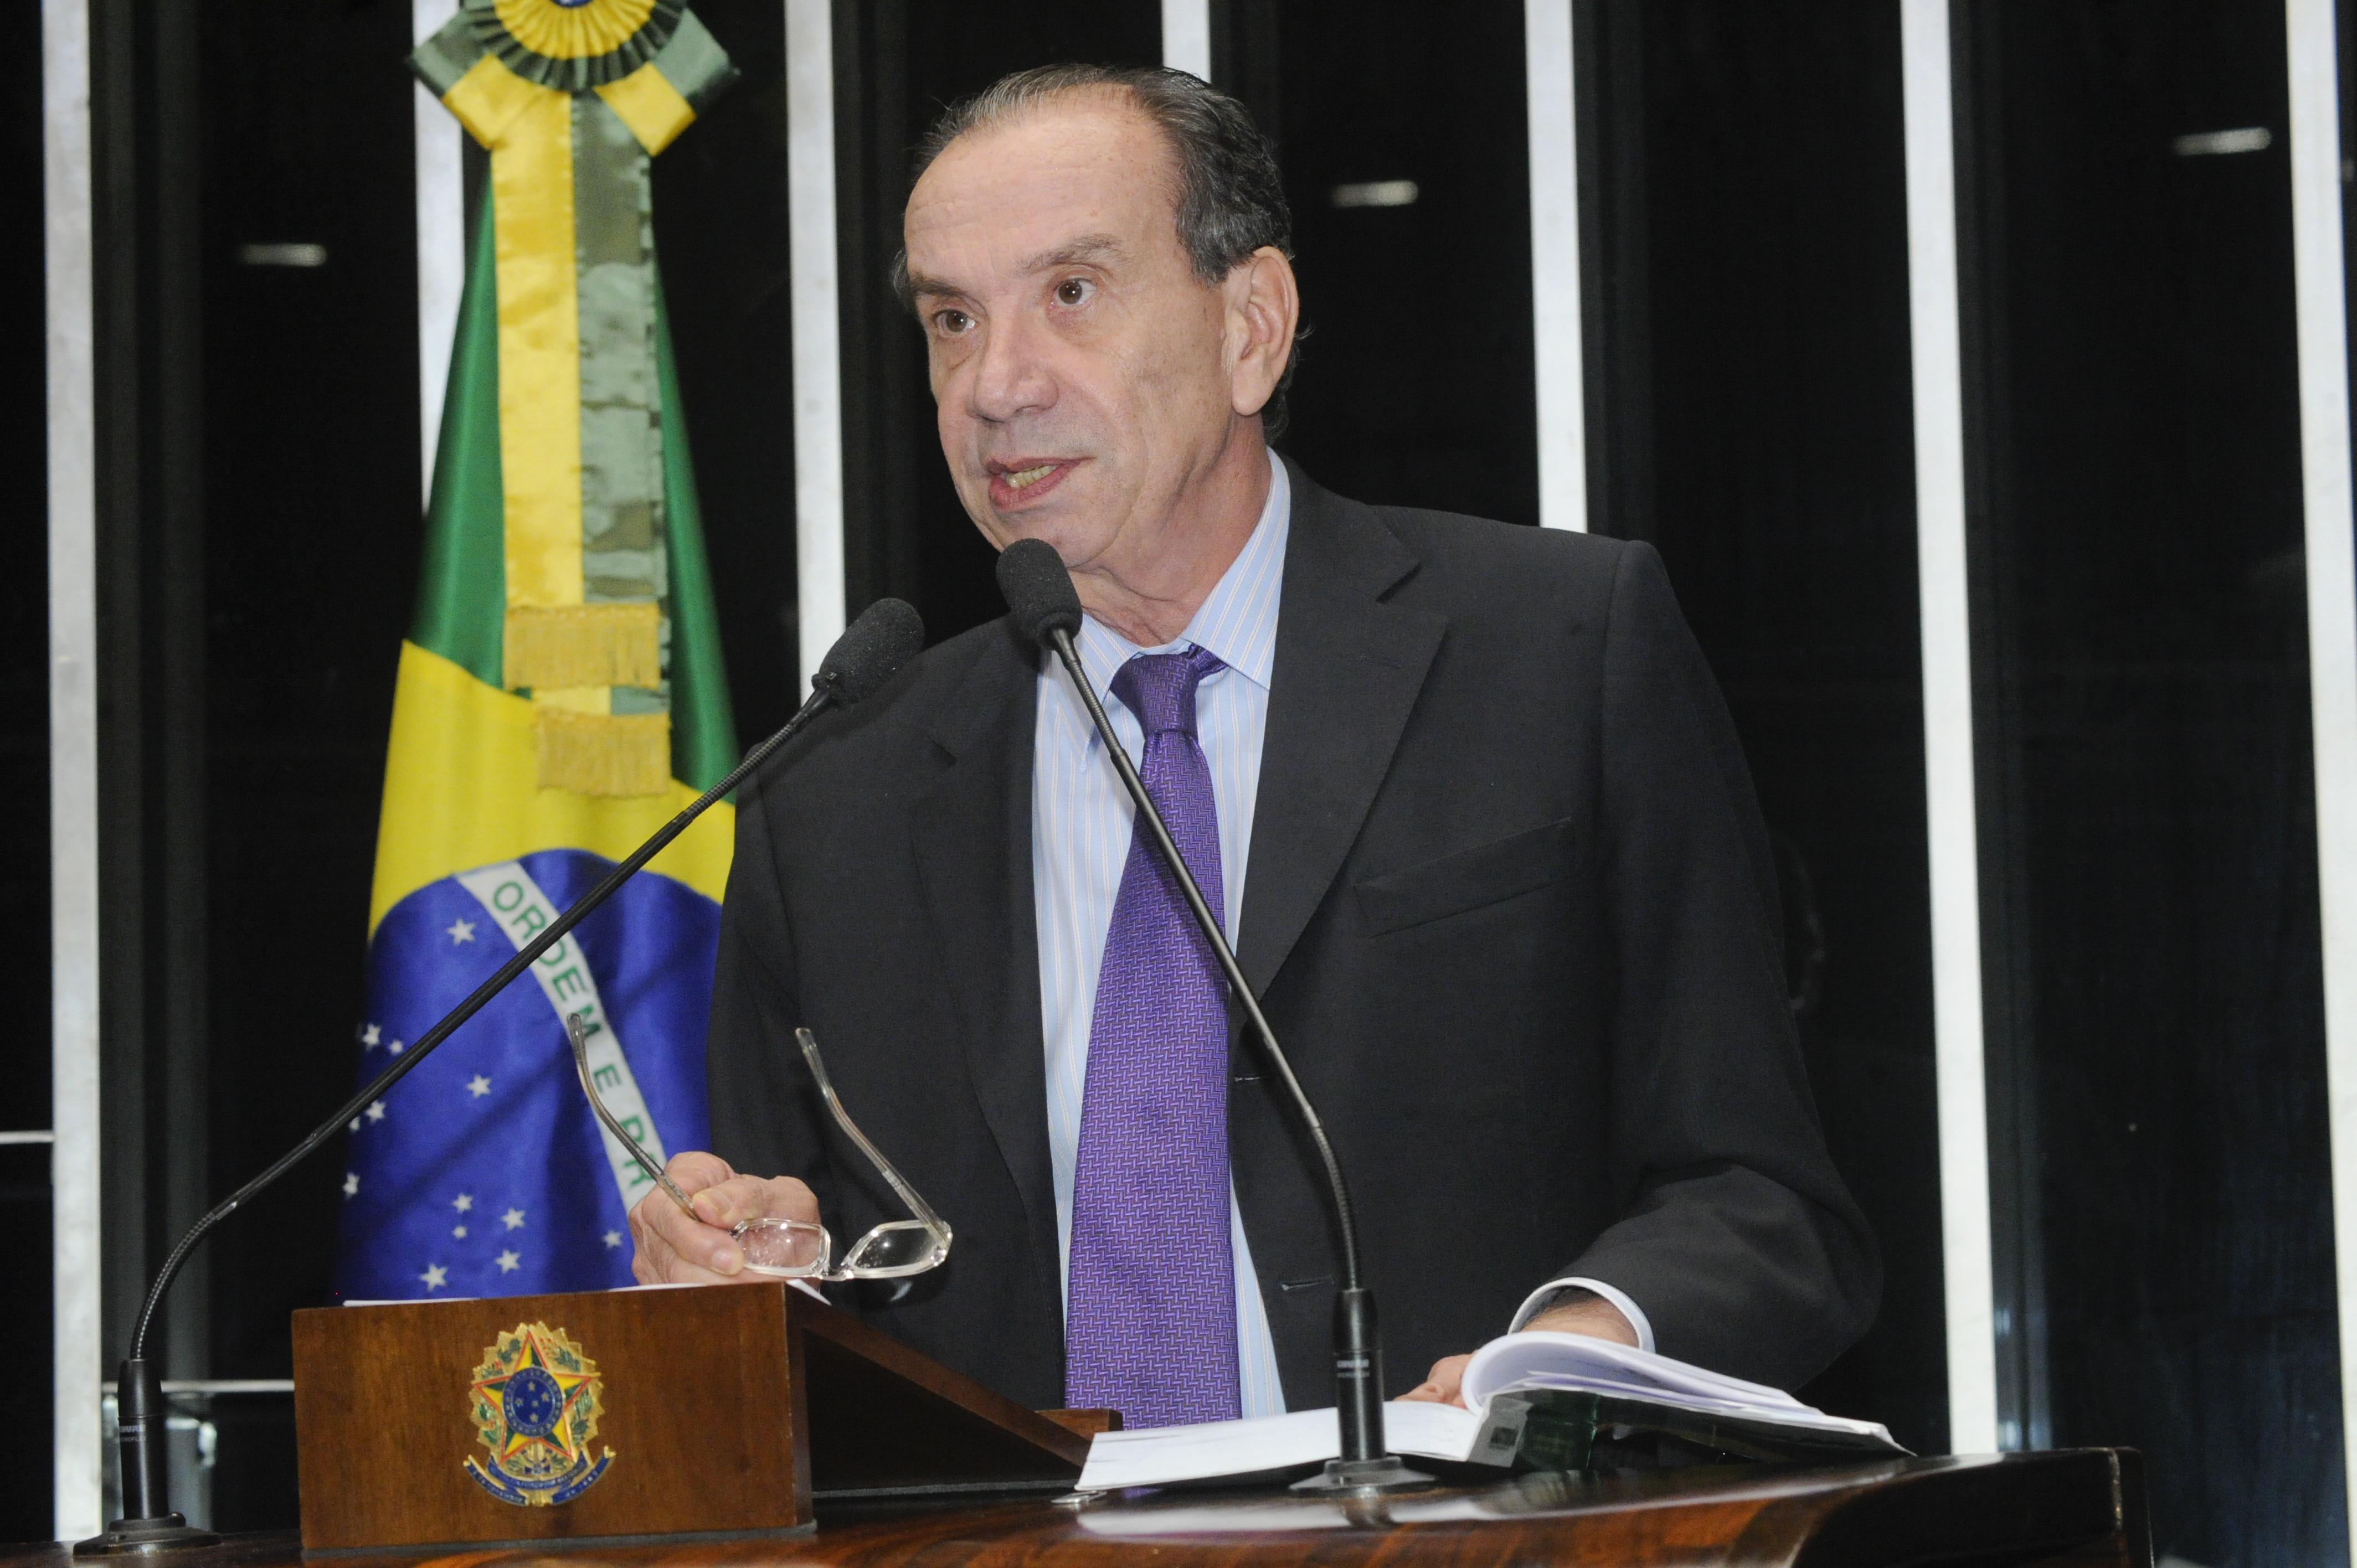 Novo ministro, Aloysio é investigado no STF por crime eleitoral